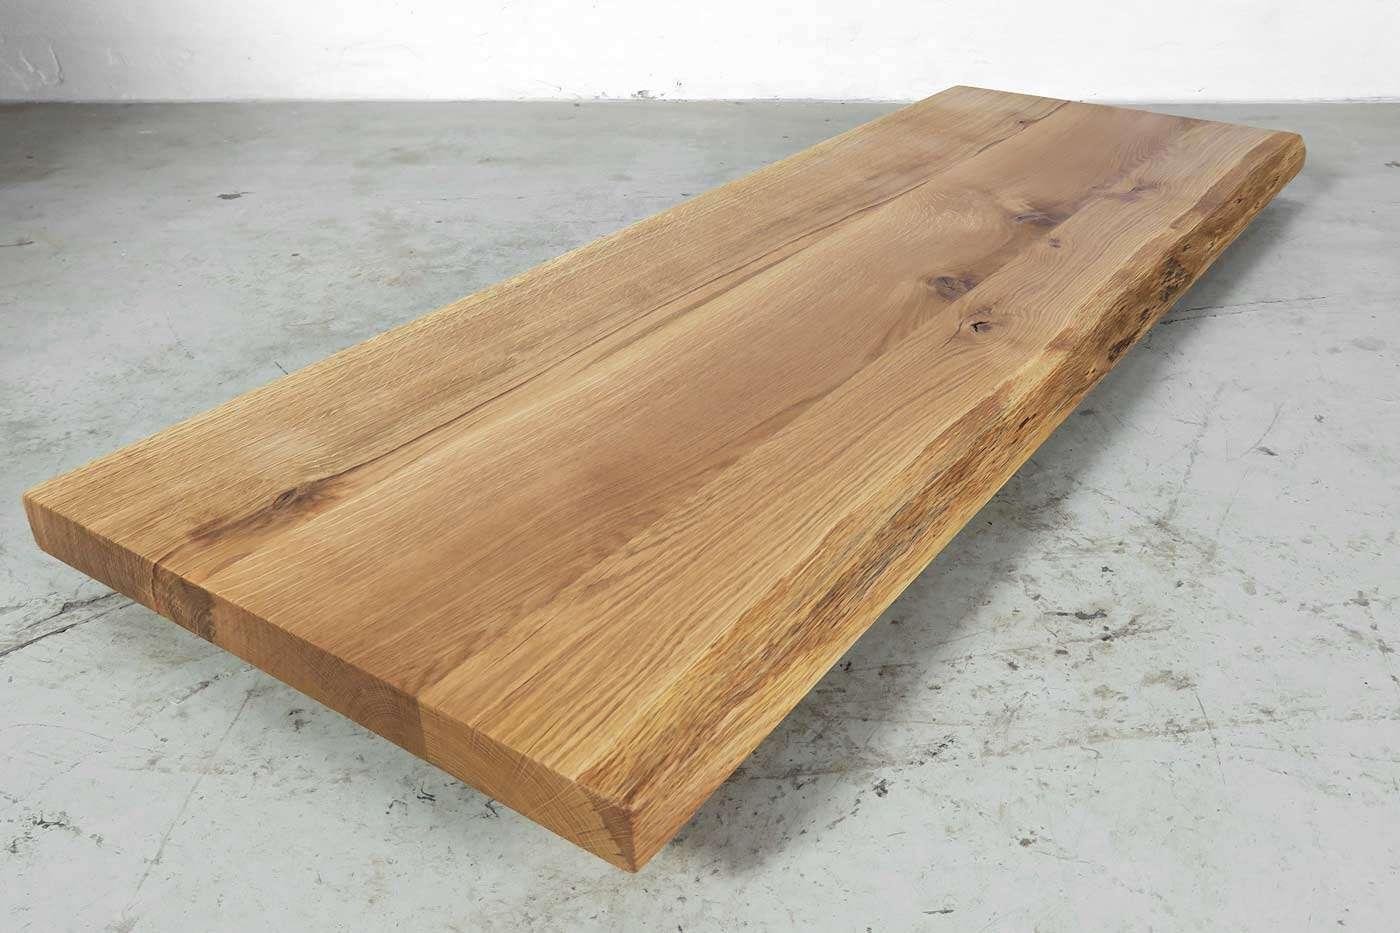 Waschtischplatte massivholz waschtischunterschrank holz eiche waschtischplatte - Waschtischunterschrank holz ...